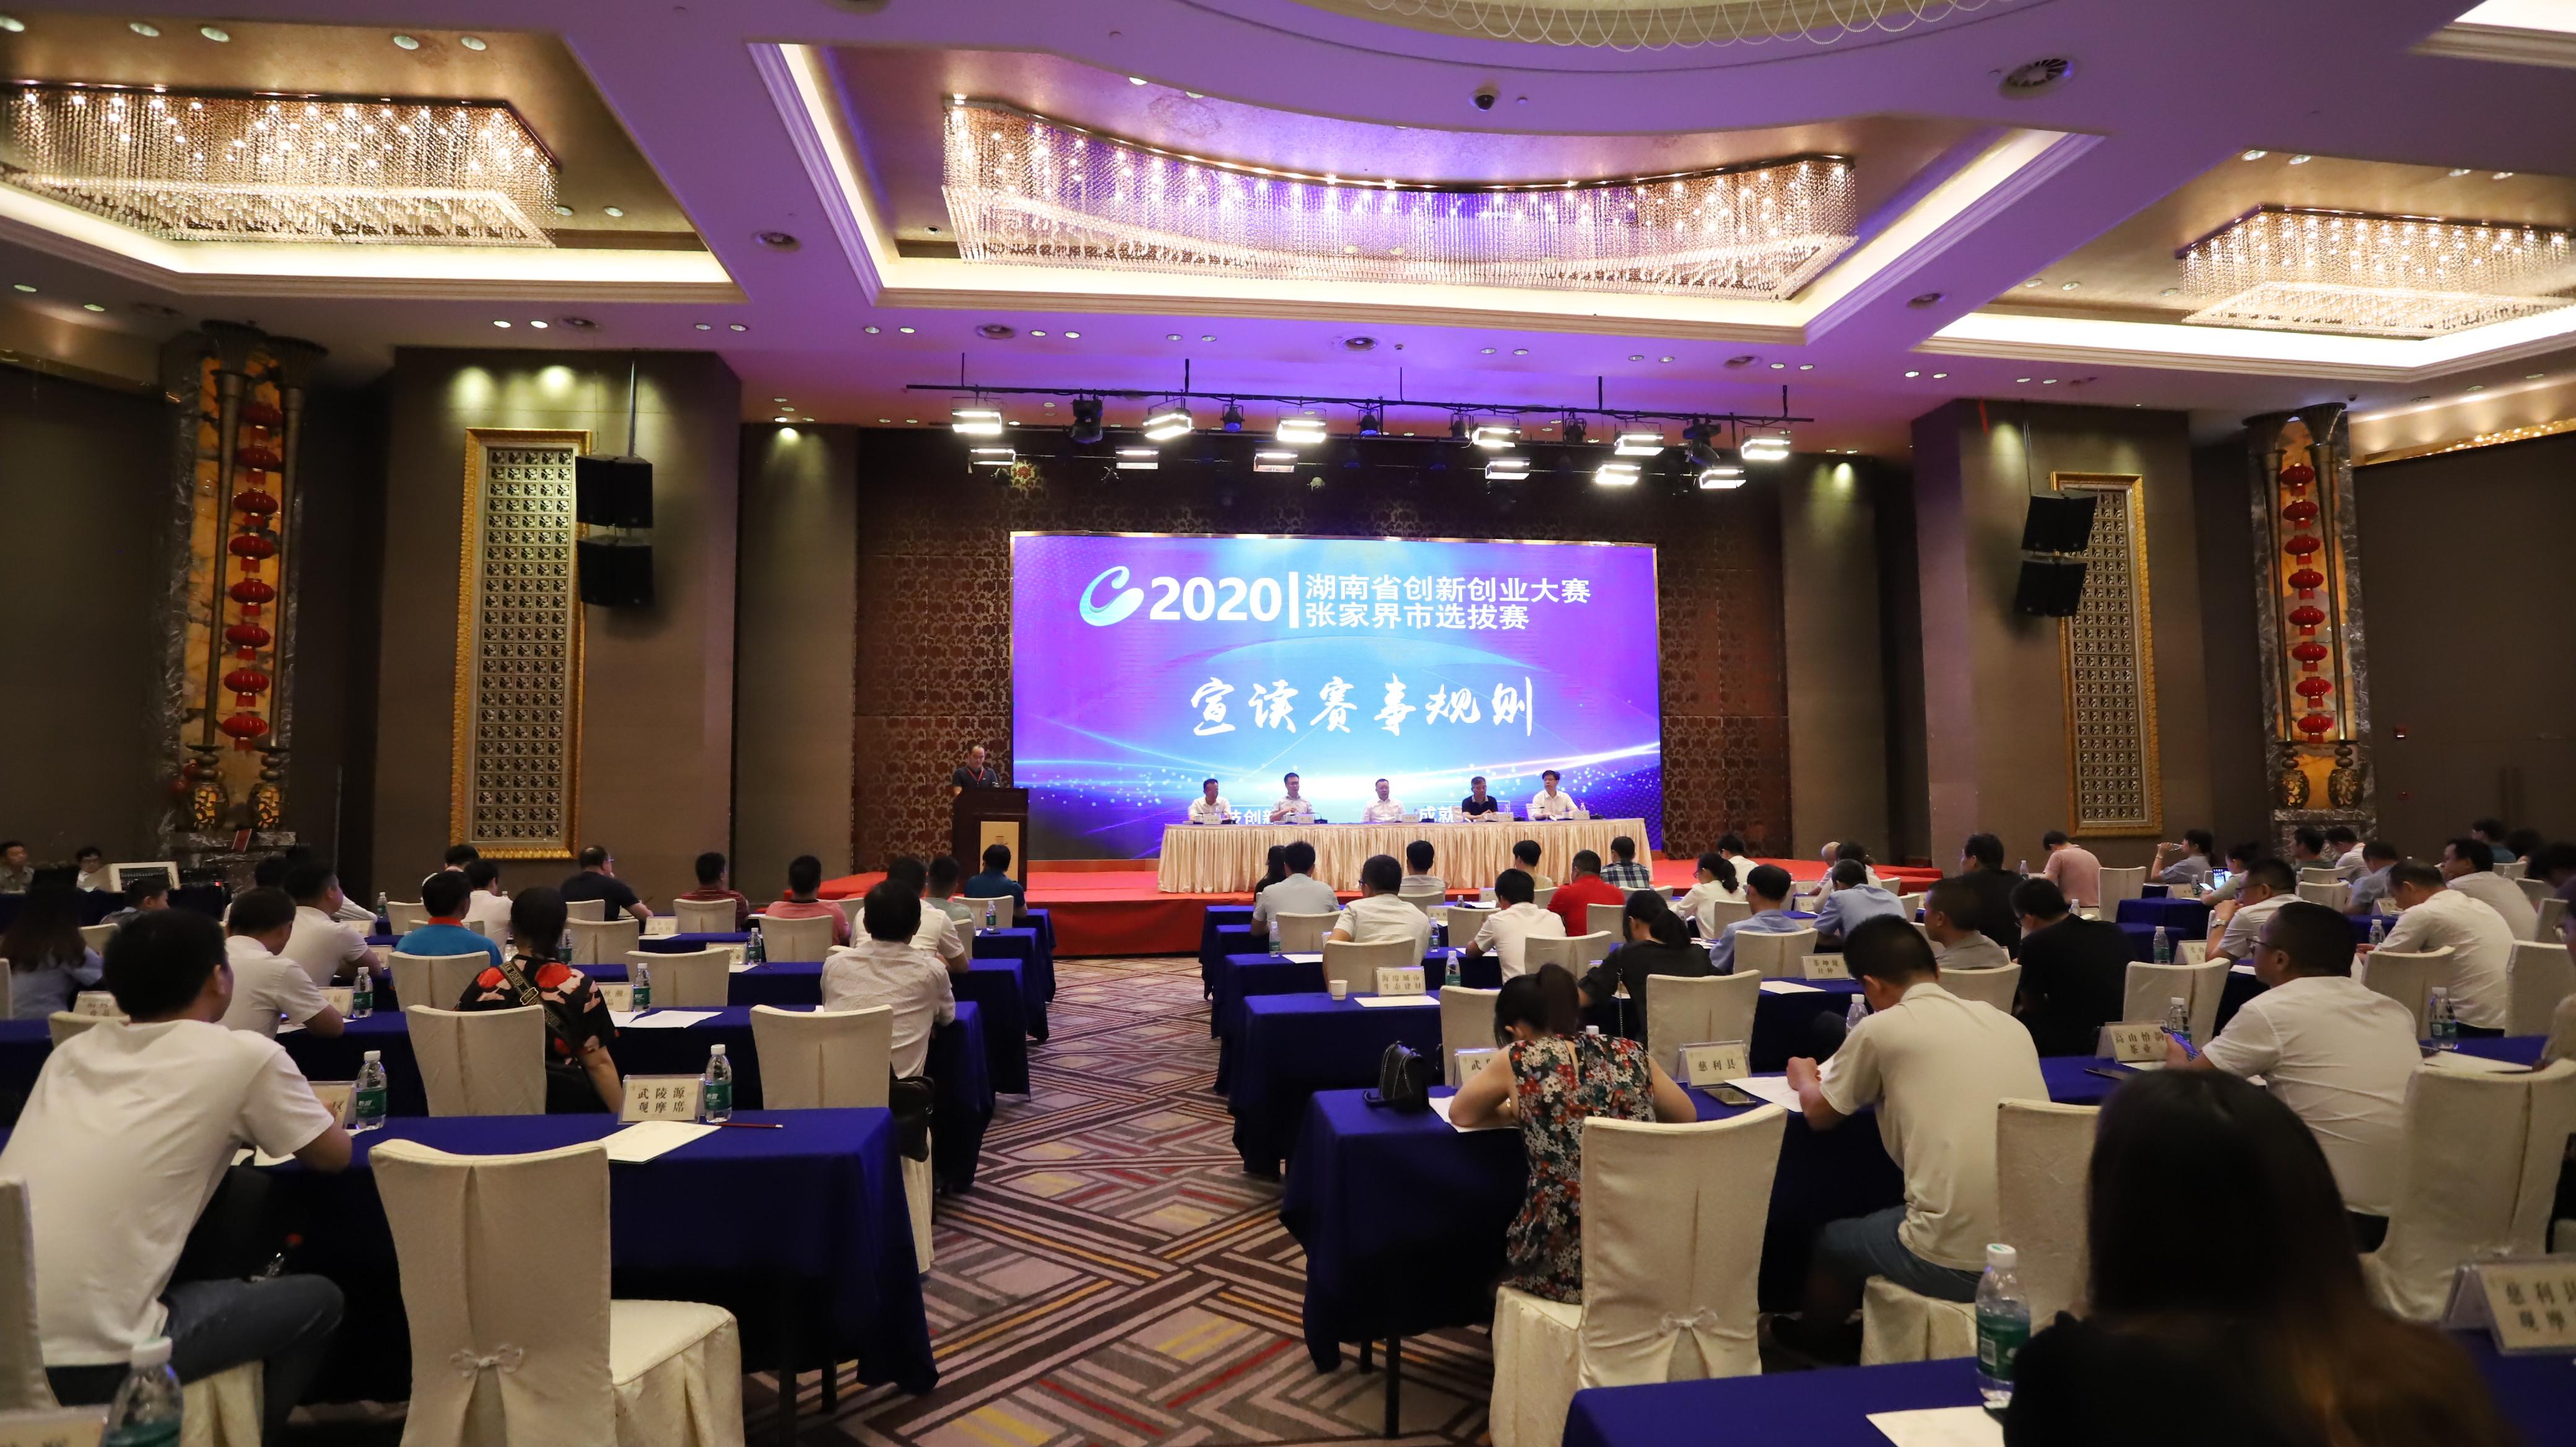 15家企业晋级,2020年湖南省创新创业大赛张家界市选拔赛圆满落幕